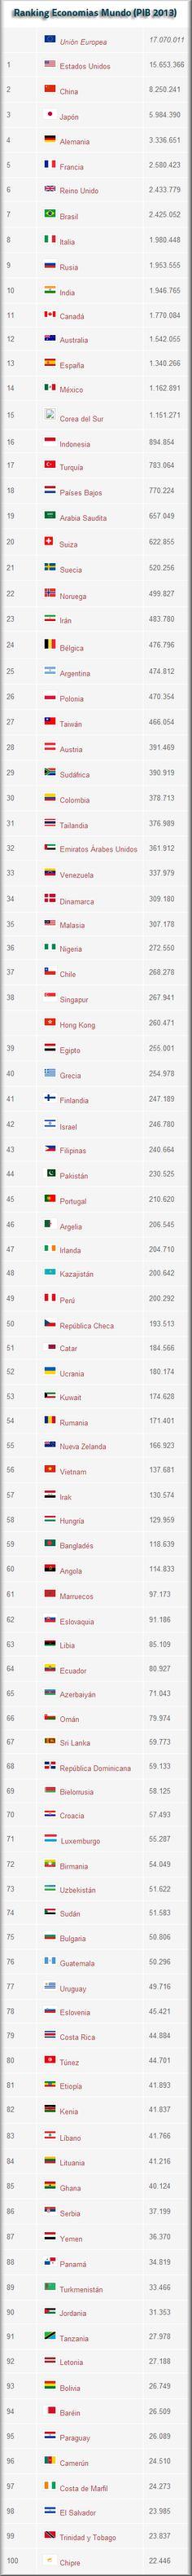 Ranking Mundial de Mayores Economías (PIB 2013)